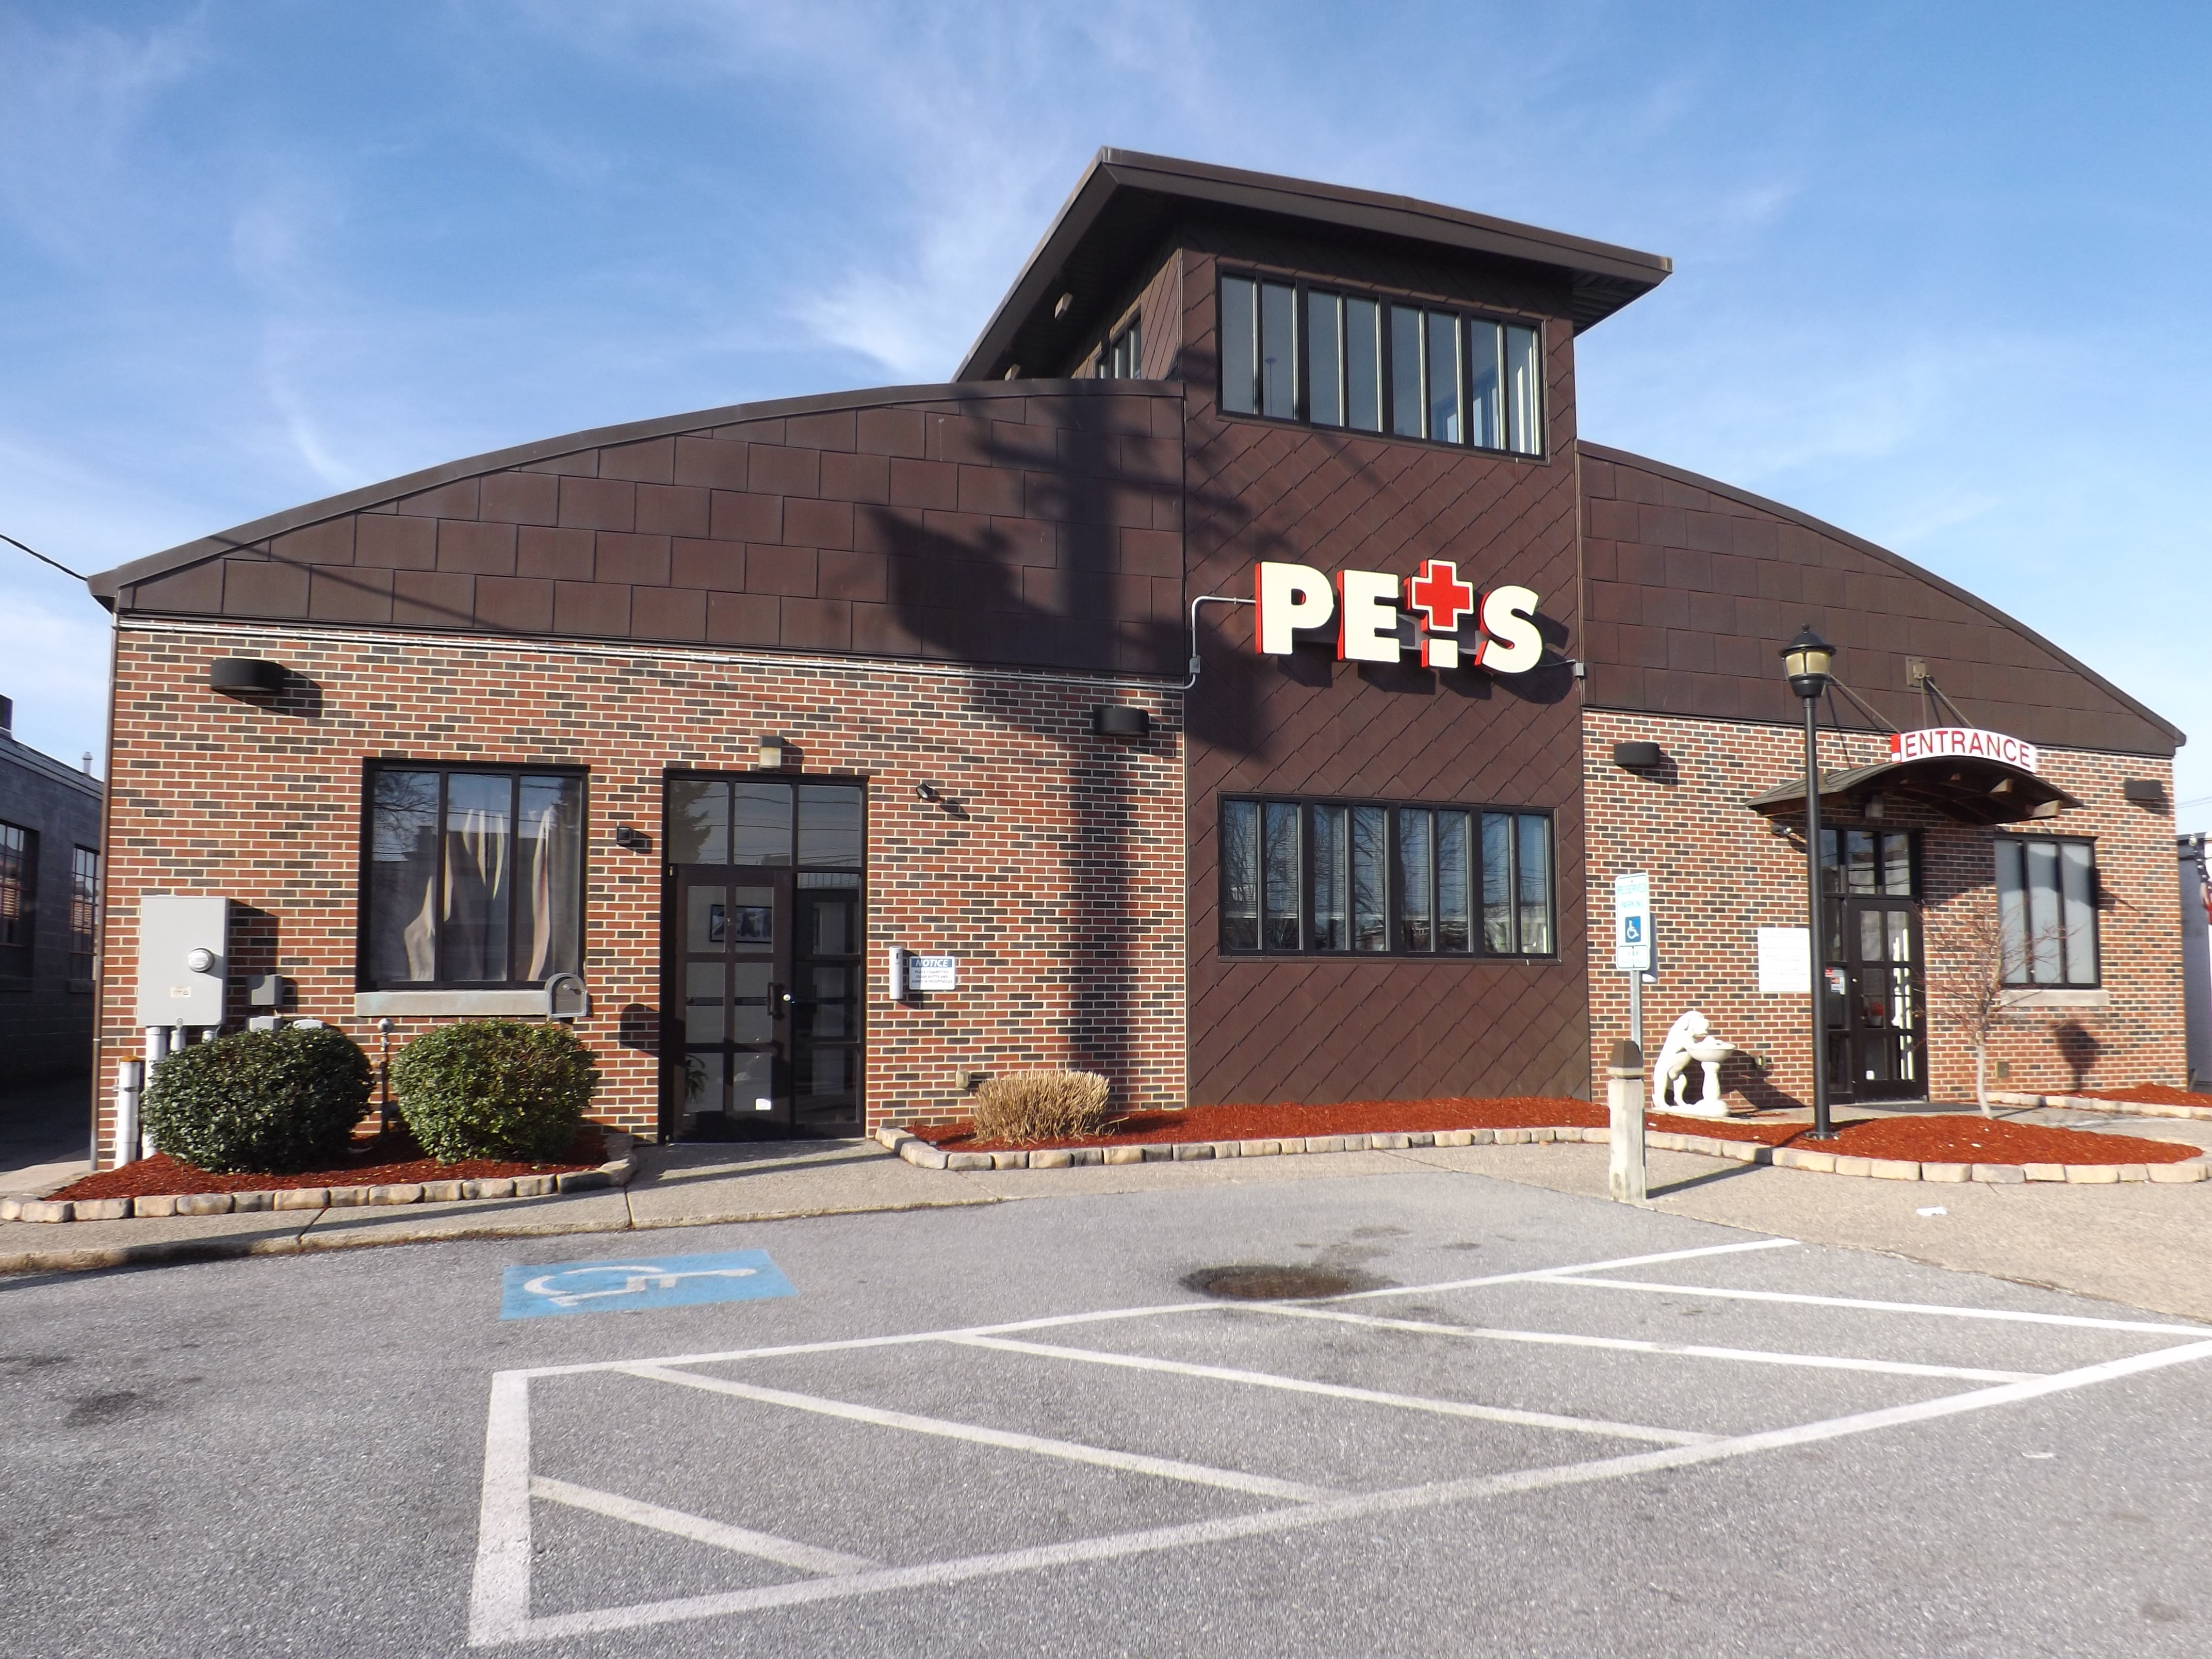 PETS Lancaster Building